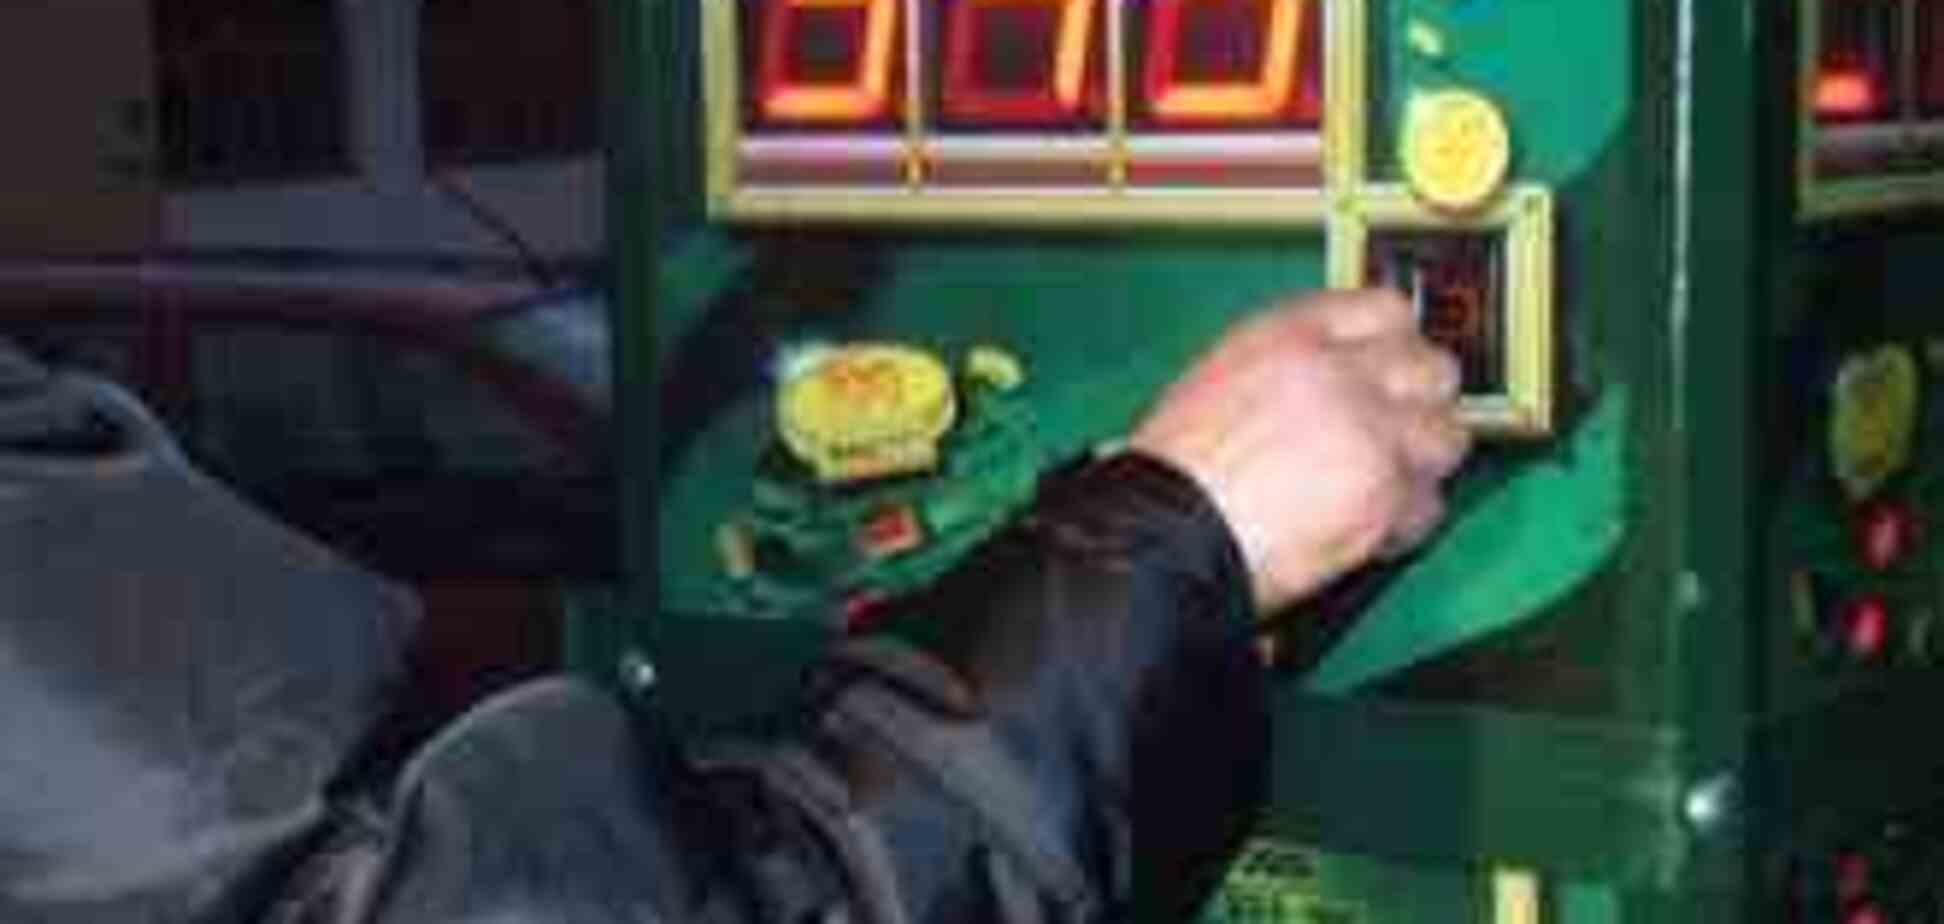 Зал игровых автоматов взорвался в Днепропетровске